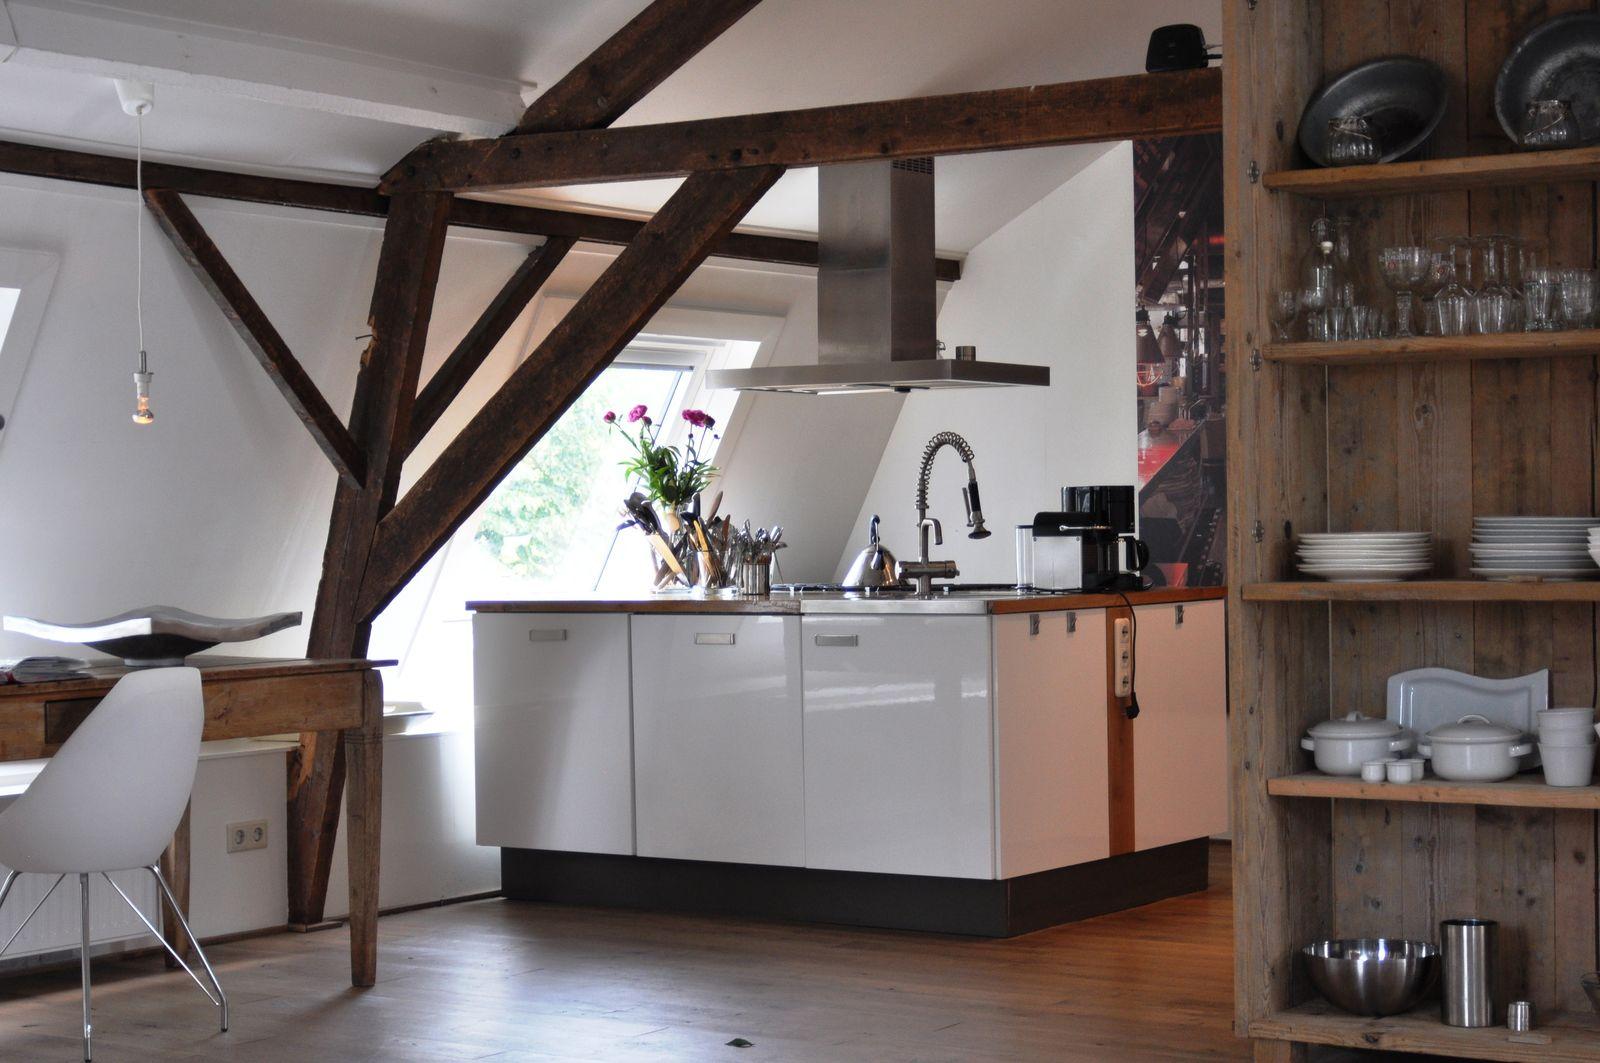 Afbeelding van Buitenverblijf de Ruimte - vakantiehuis in Brabantse natuur